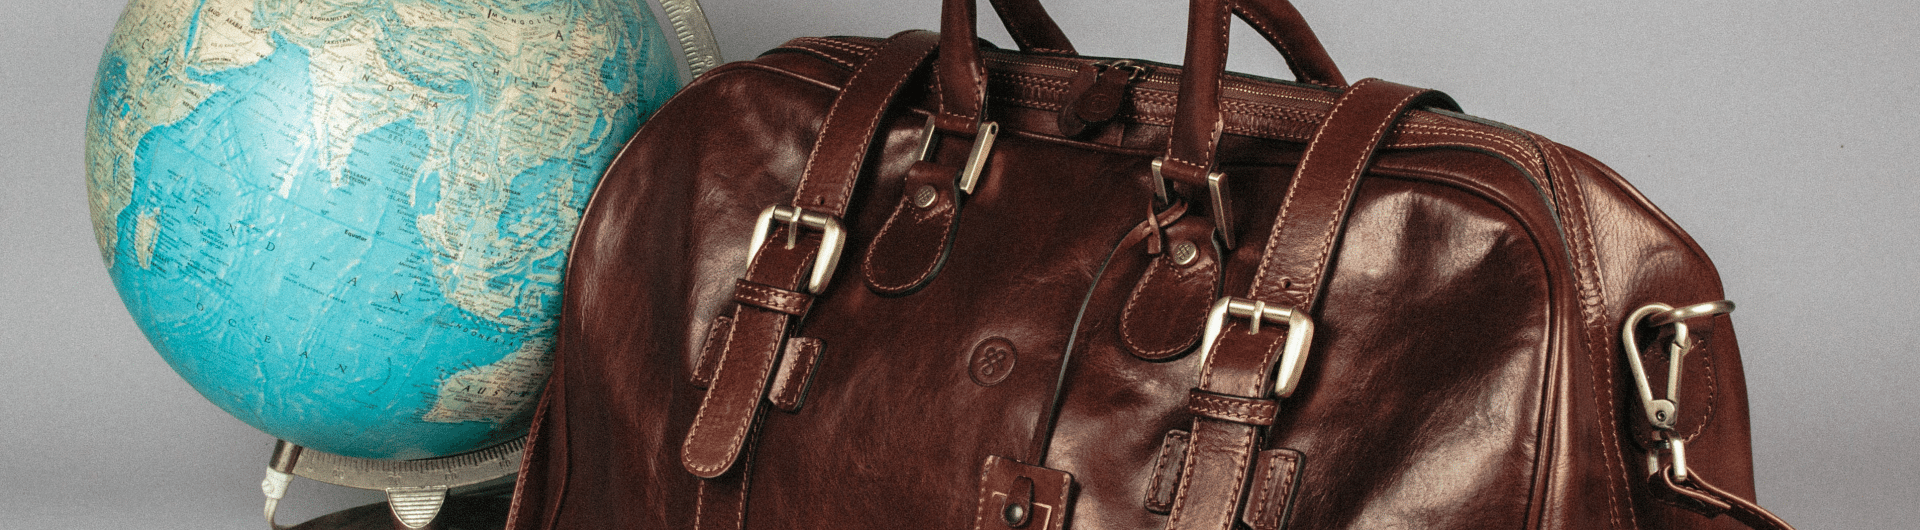 Reisetasche Pack Guide